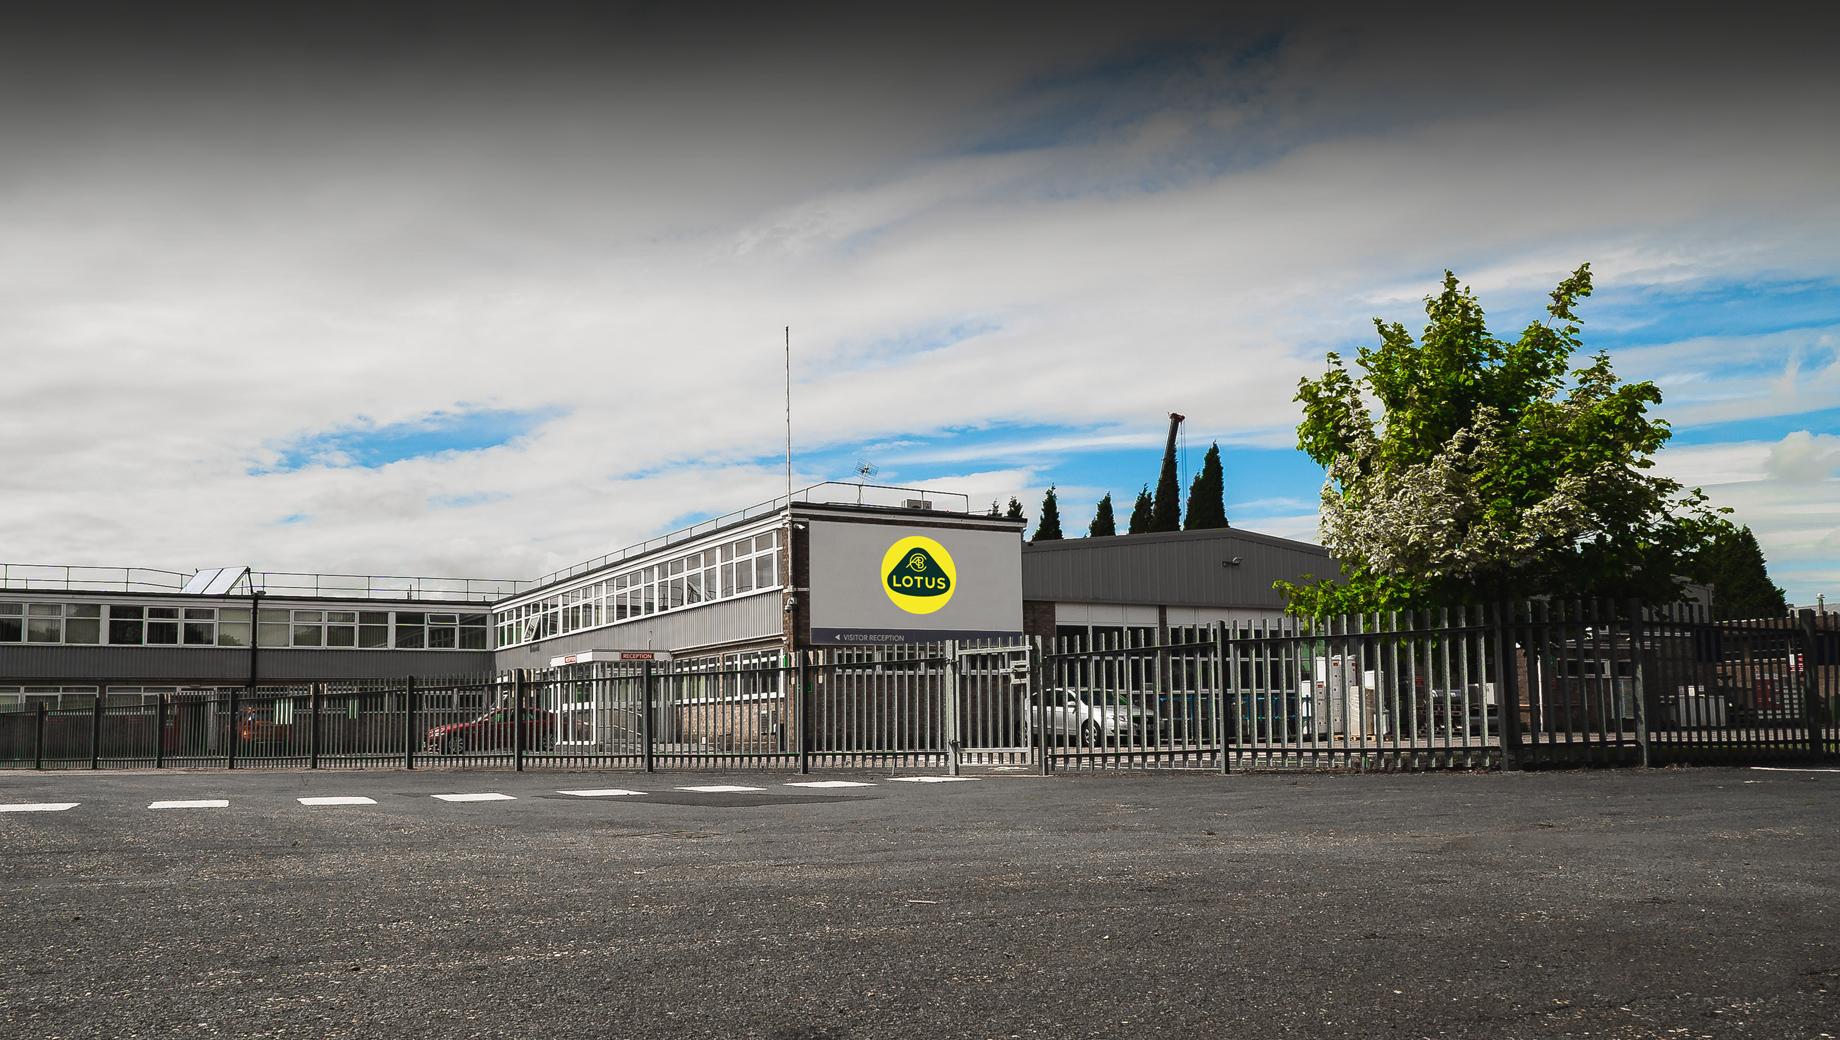 Компания Lotus откроет новое предприятие в Британии